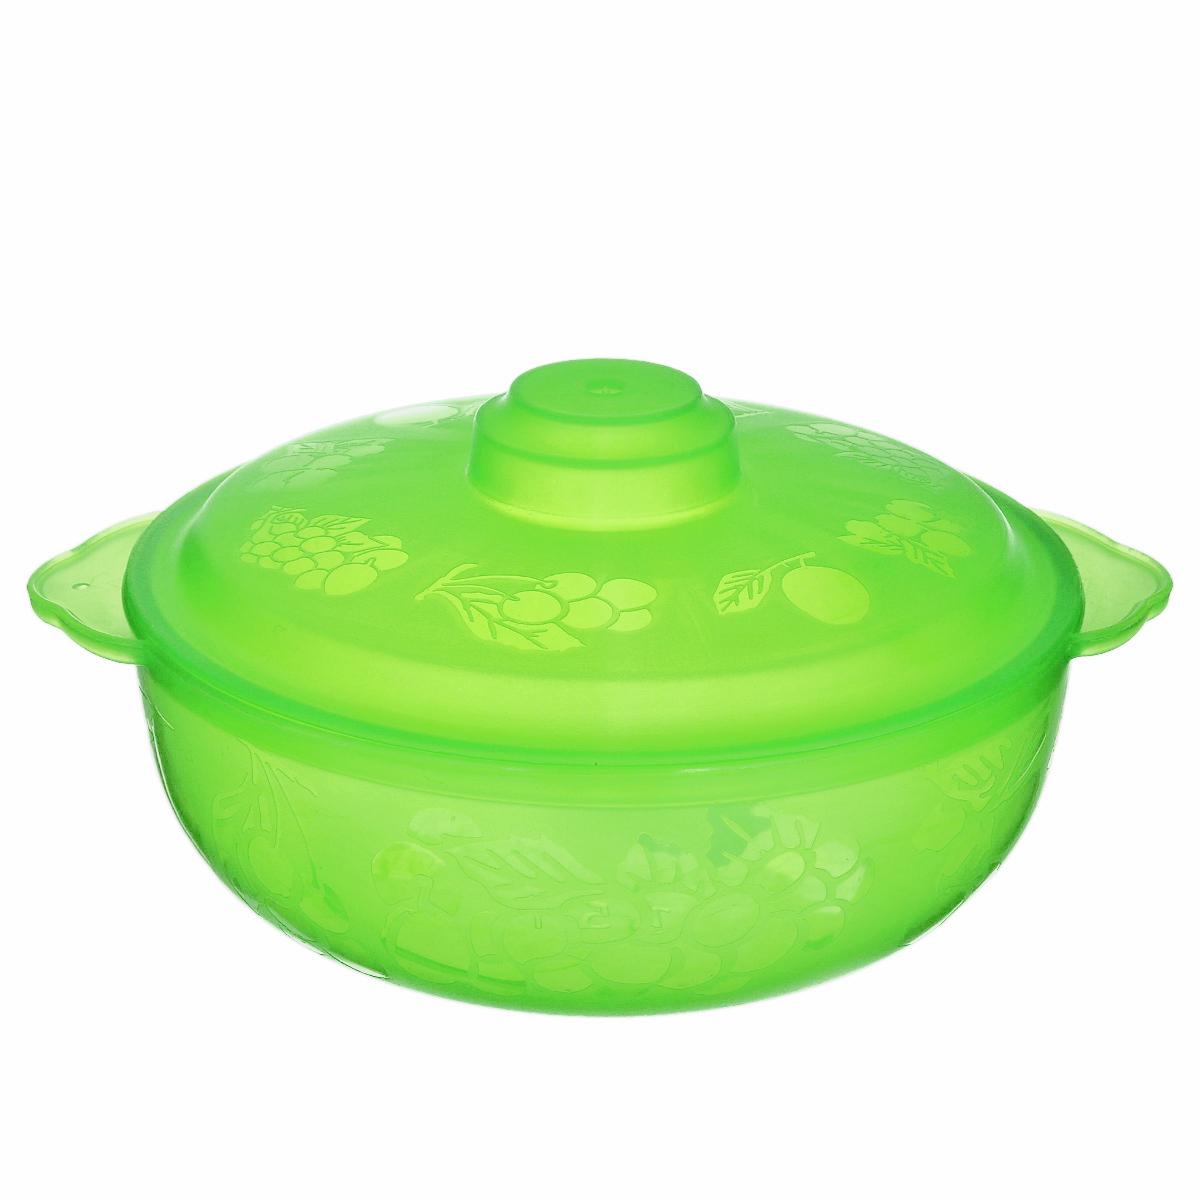 Чаша Альтернатива Хозяюшка, с крышкой, цвет: салатовый, 1,5 лМ505Вместительная чаша круглой формы Хозяюшка изготовлена из высококачественного пищевого пластика. Изделие, оснащенное крышкой, очень функциональное, оно пригодится на кухне для самых разнообразных нужд: в качестве салатника, миски, тарелки. По периметру миска украшена узором в виде фруктов. Диаметр миски: 18 см. Высота миски (без учета крышки): 7 см.